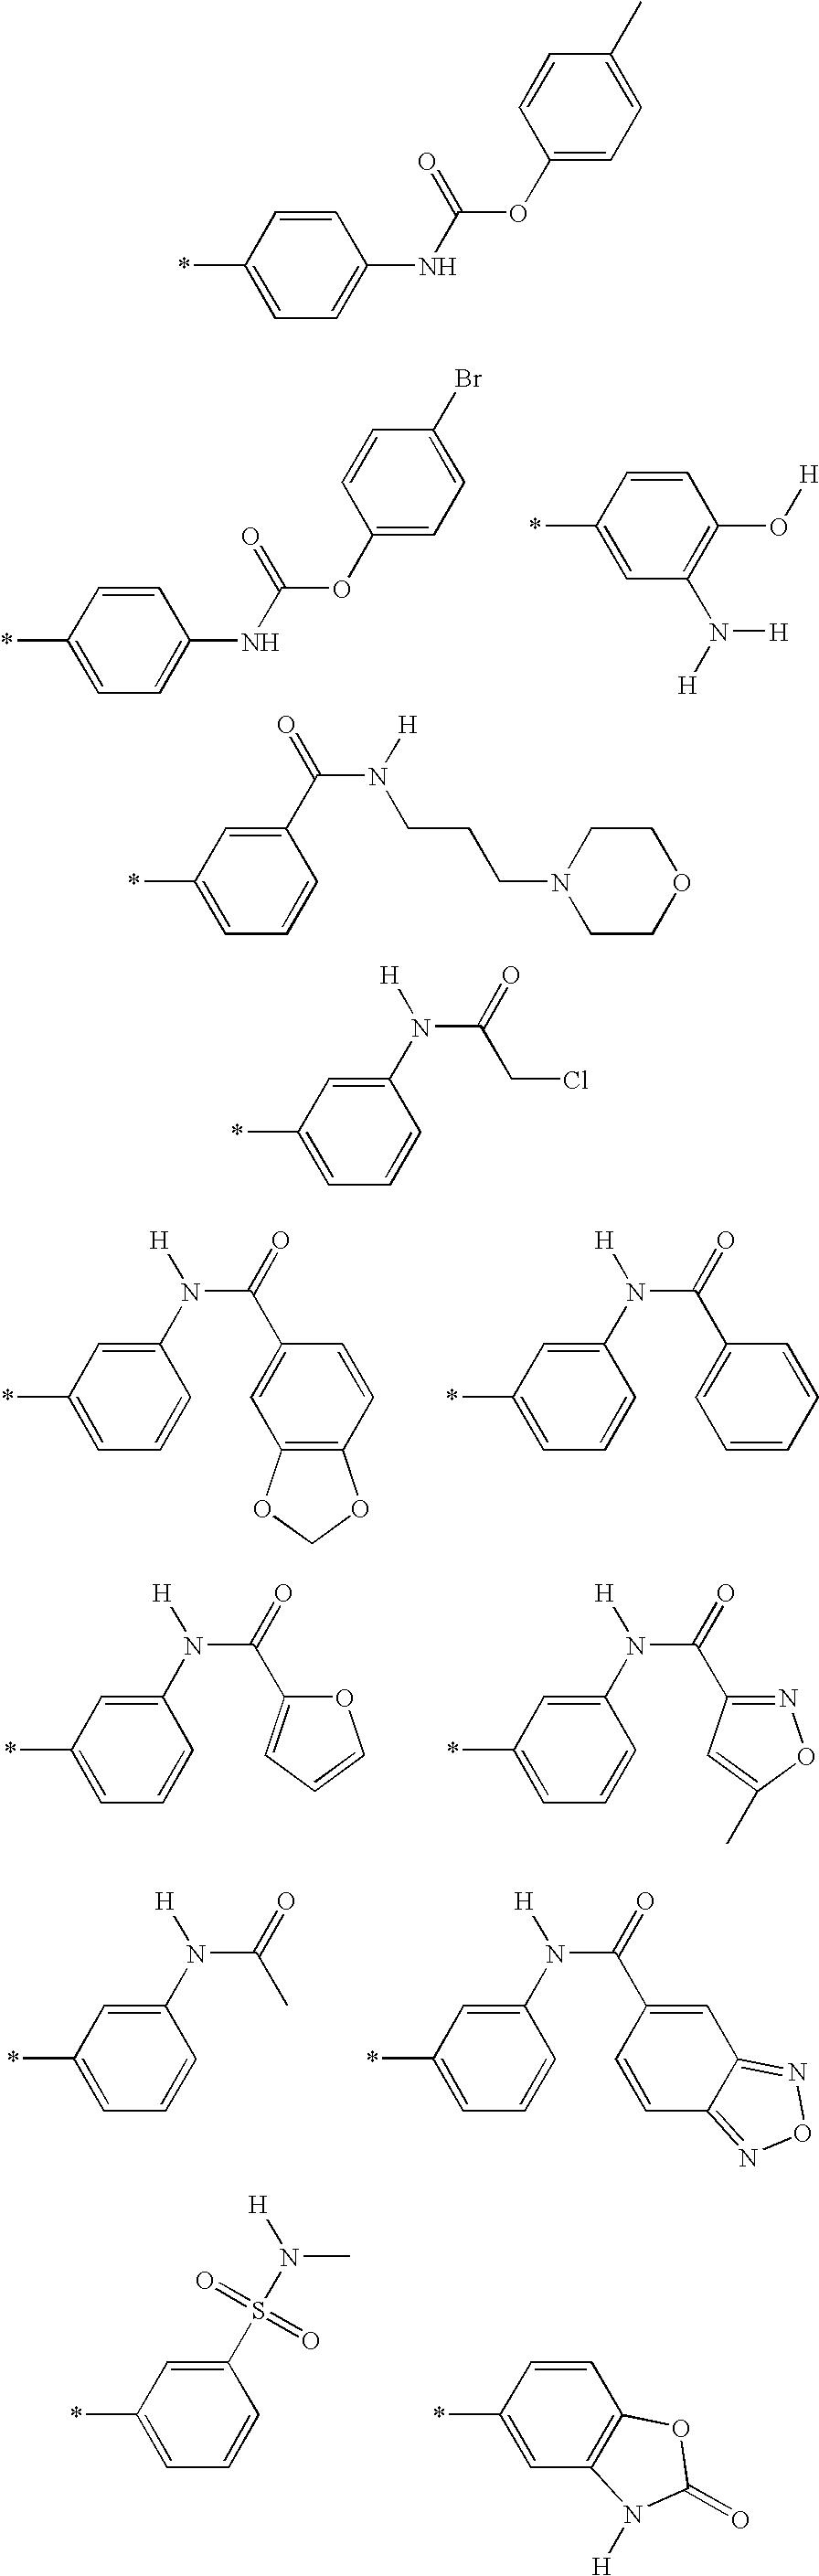 Figure US07781478-20100824-C00118